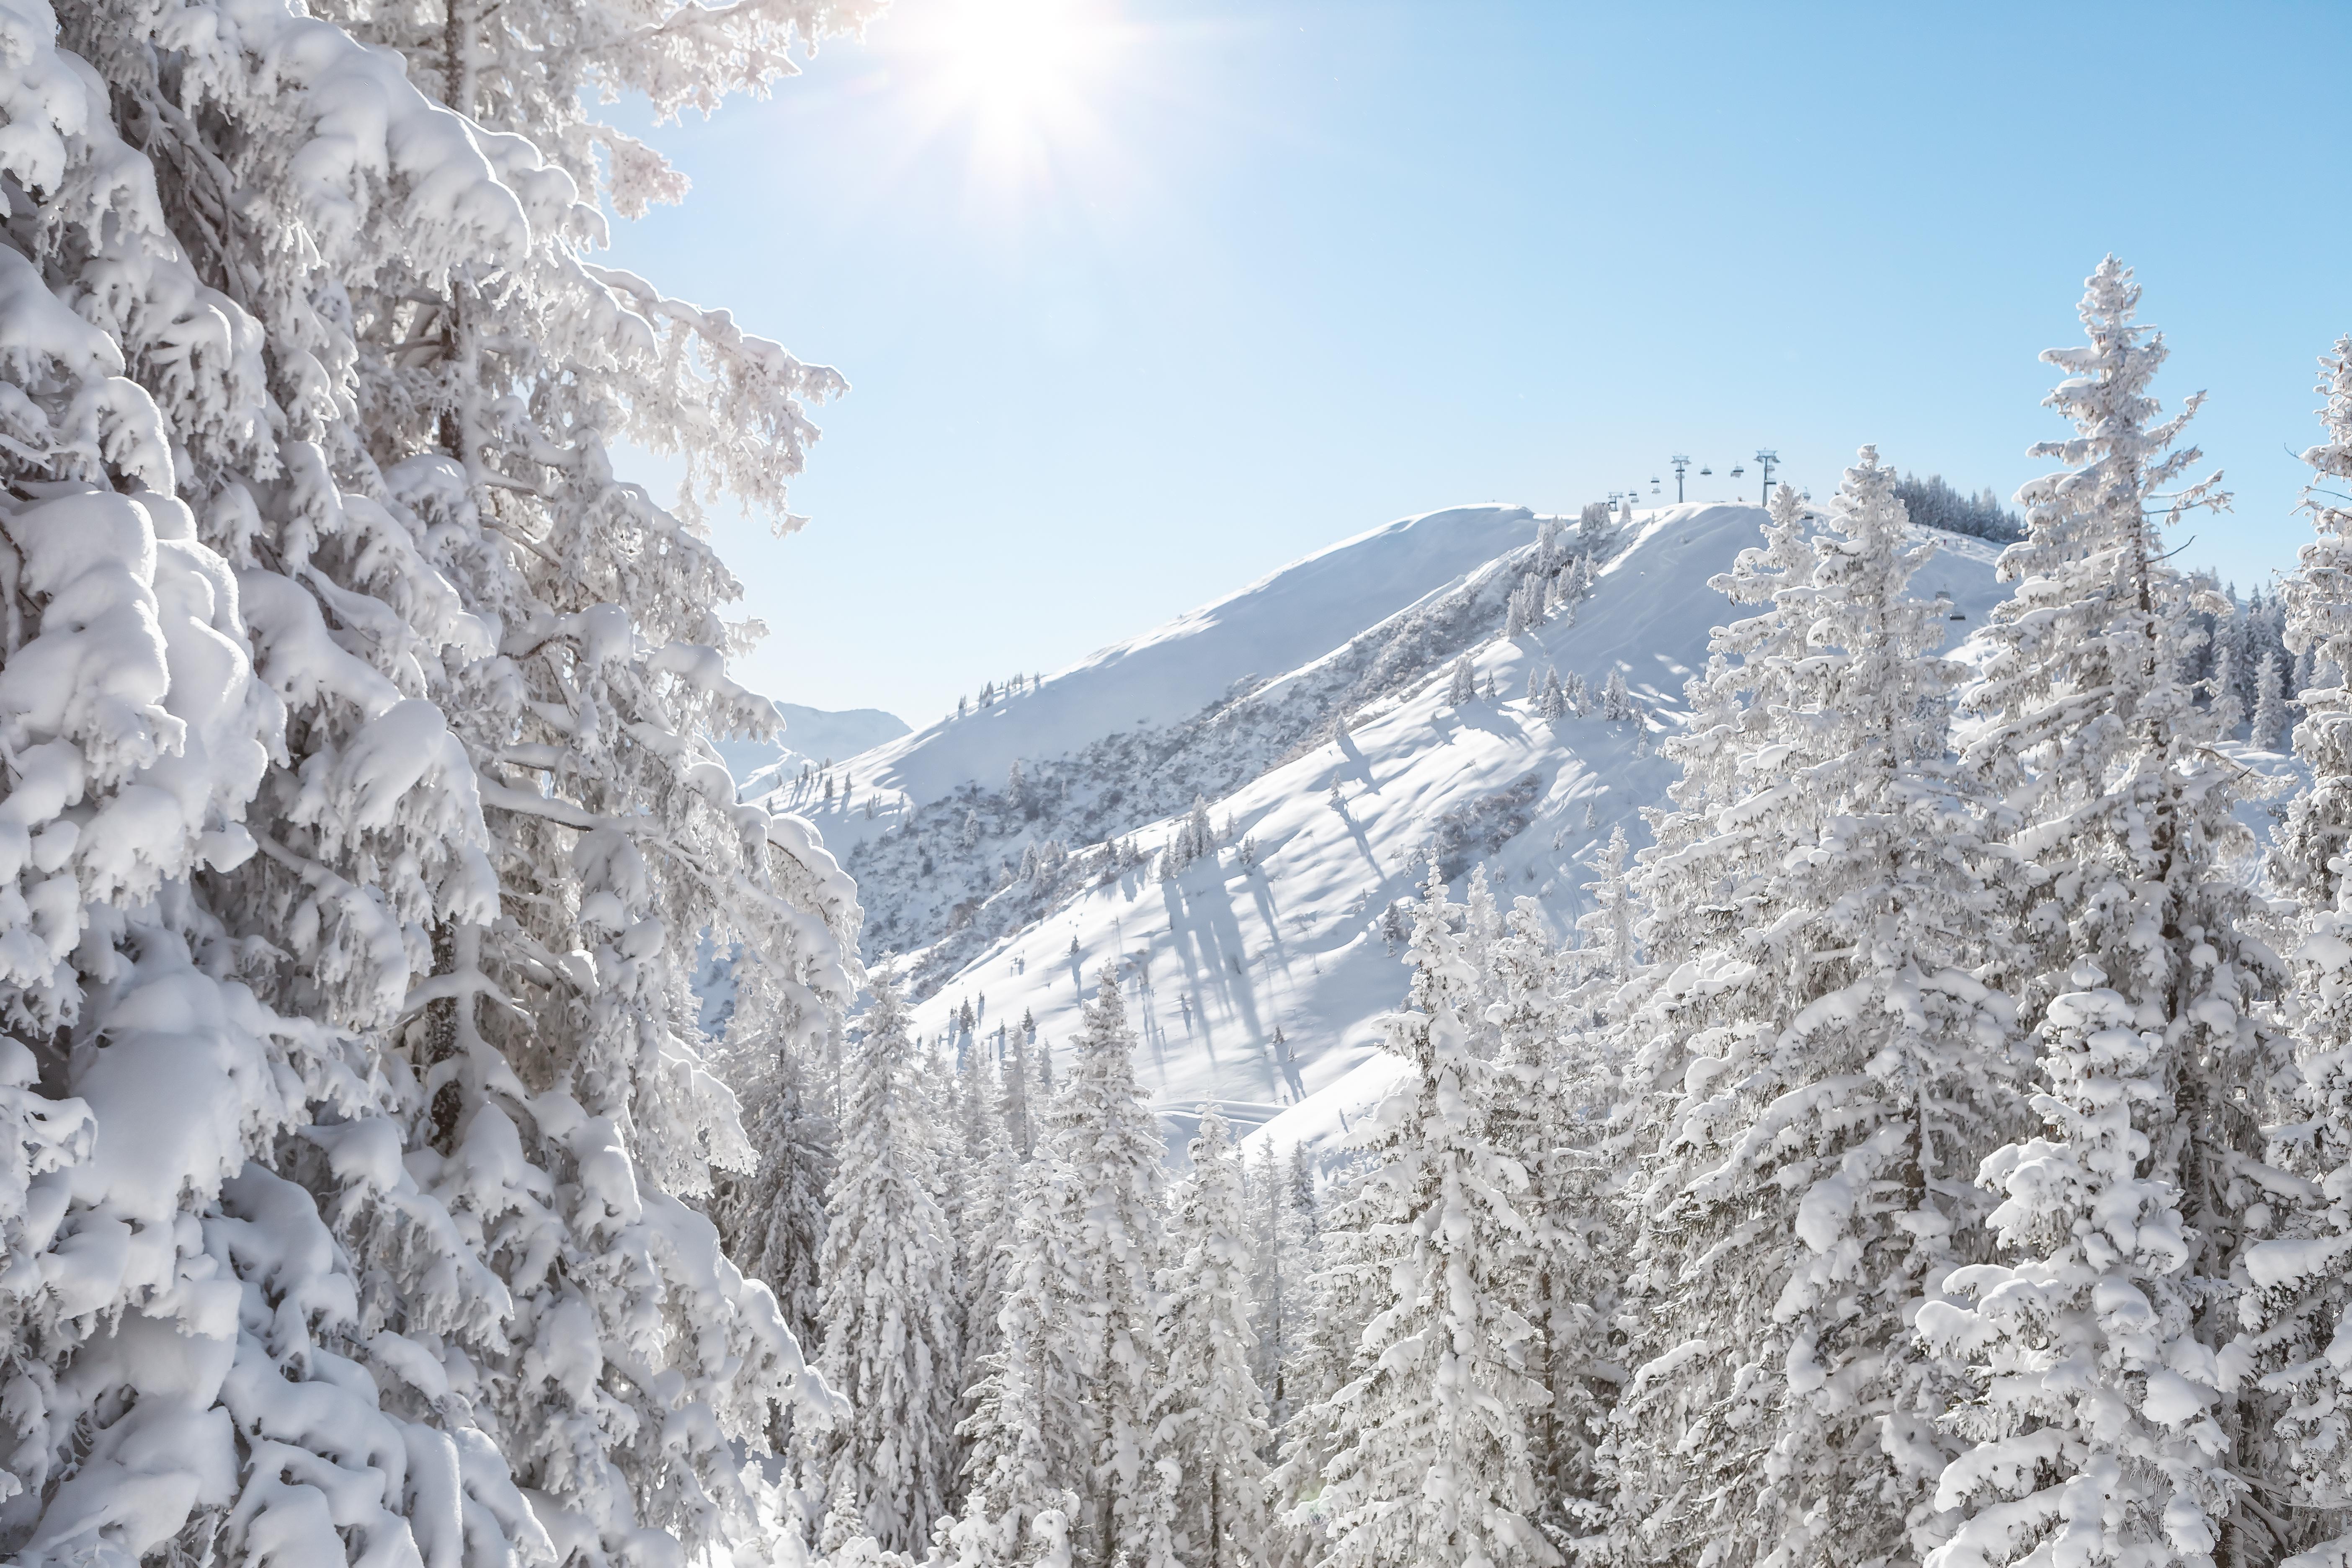 Schneeprognose Weihnachten 2019.Schnee Prognosen Saalbach Hinterglemm